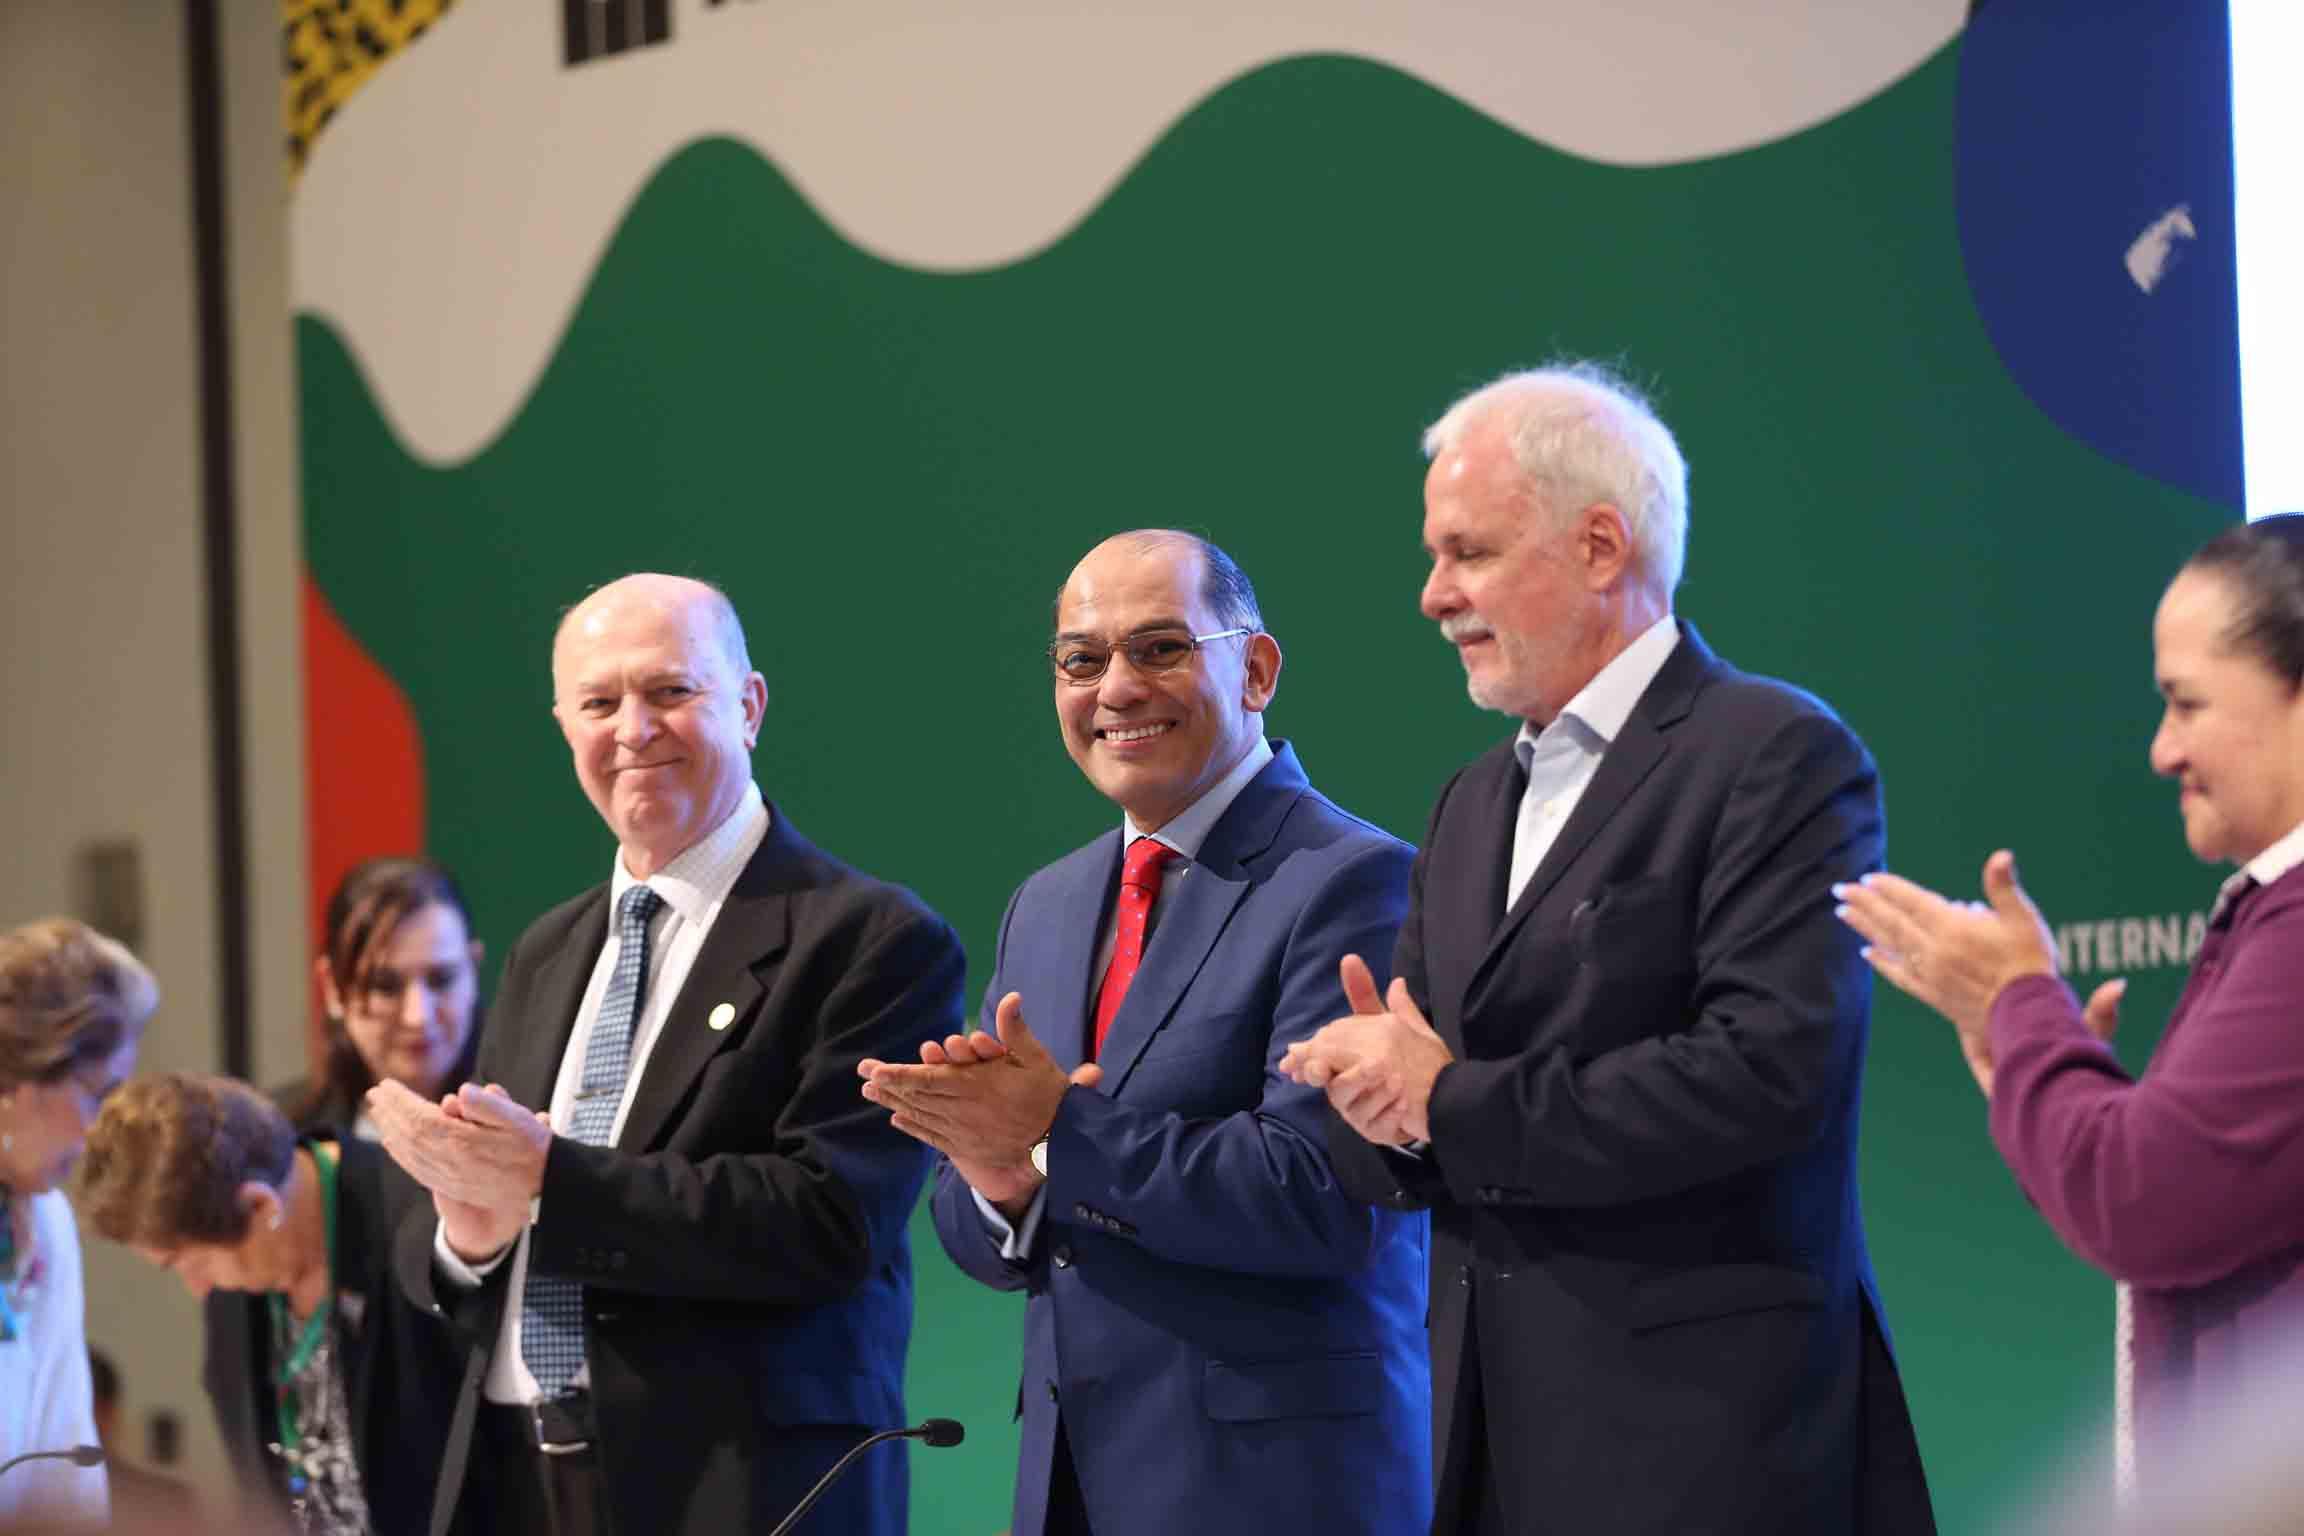 Presidente de la feria, licenciado Raúl Padilla López y el Rector general doctor Miguel Ángel Navarro Navarro y el doctor Sergio López Ruelas